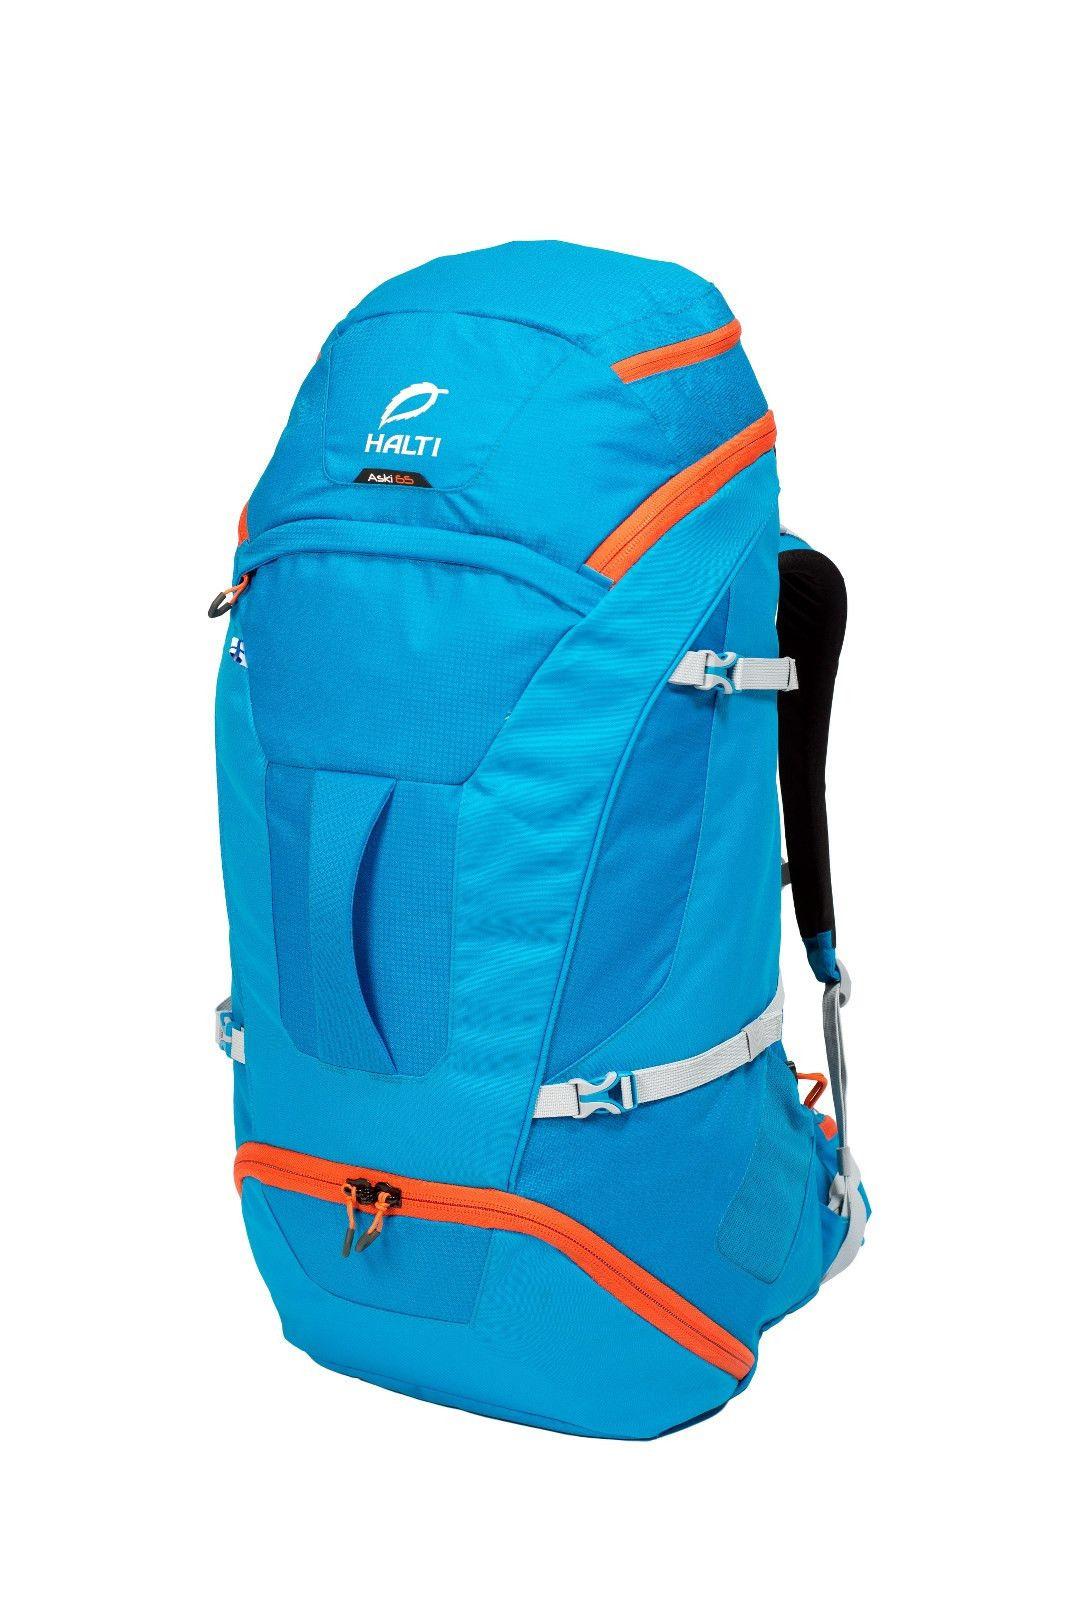 Tilava, tukeva matkailurinkka Aski 65 pack | Halti | Backpacks | Halti Store International